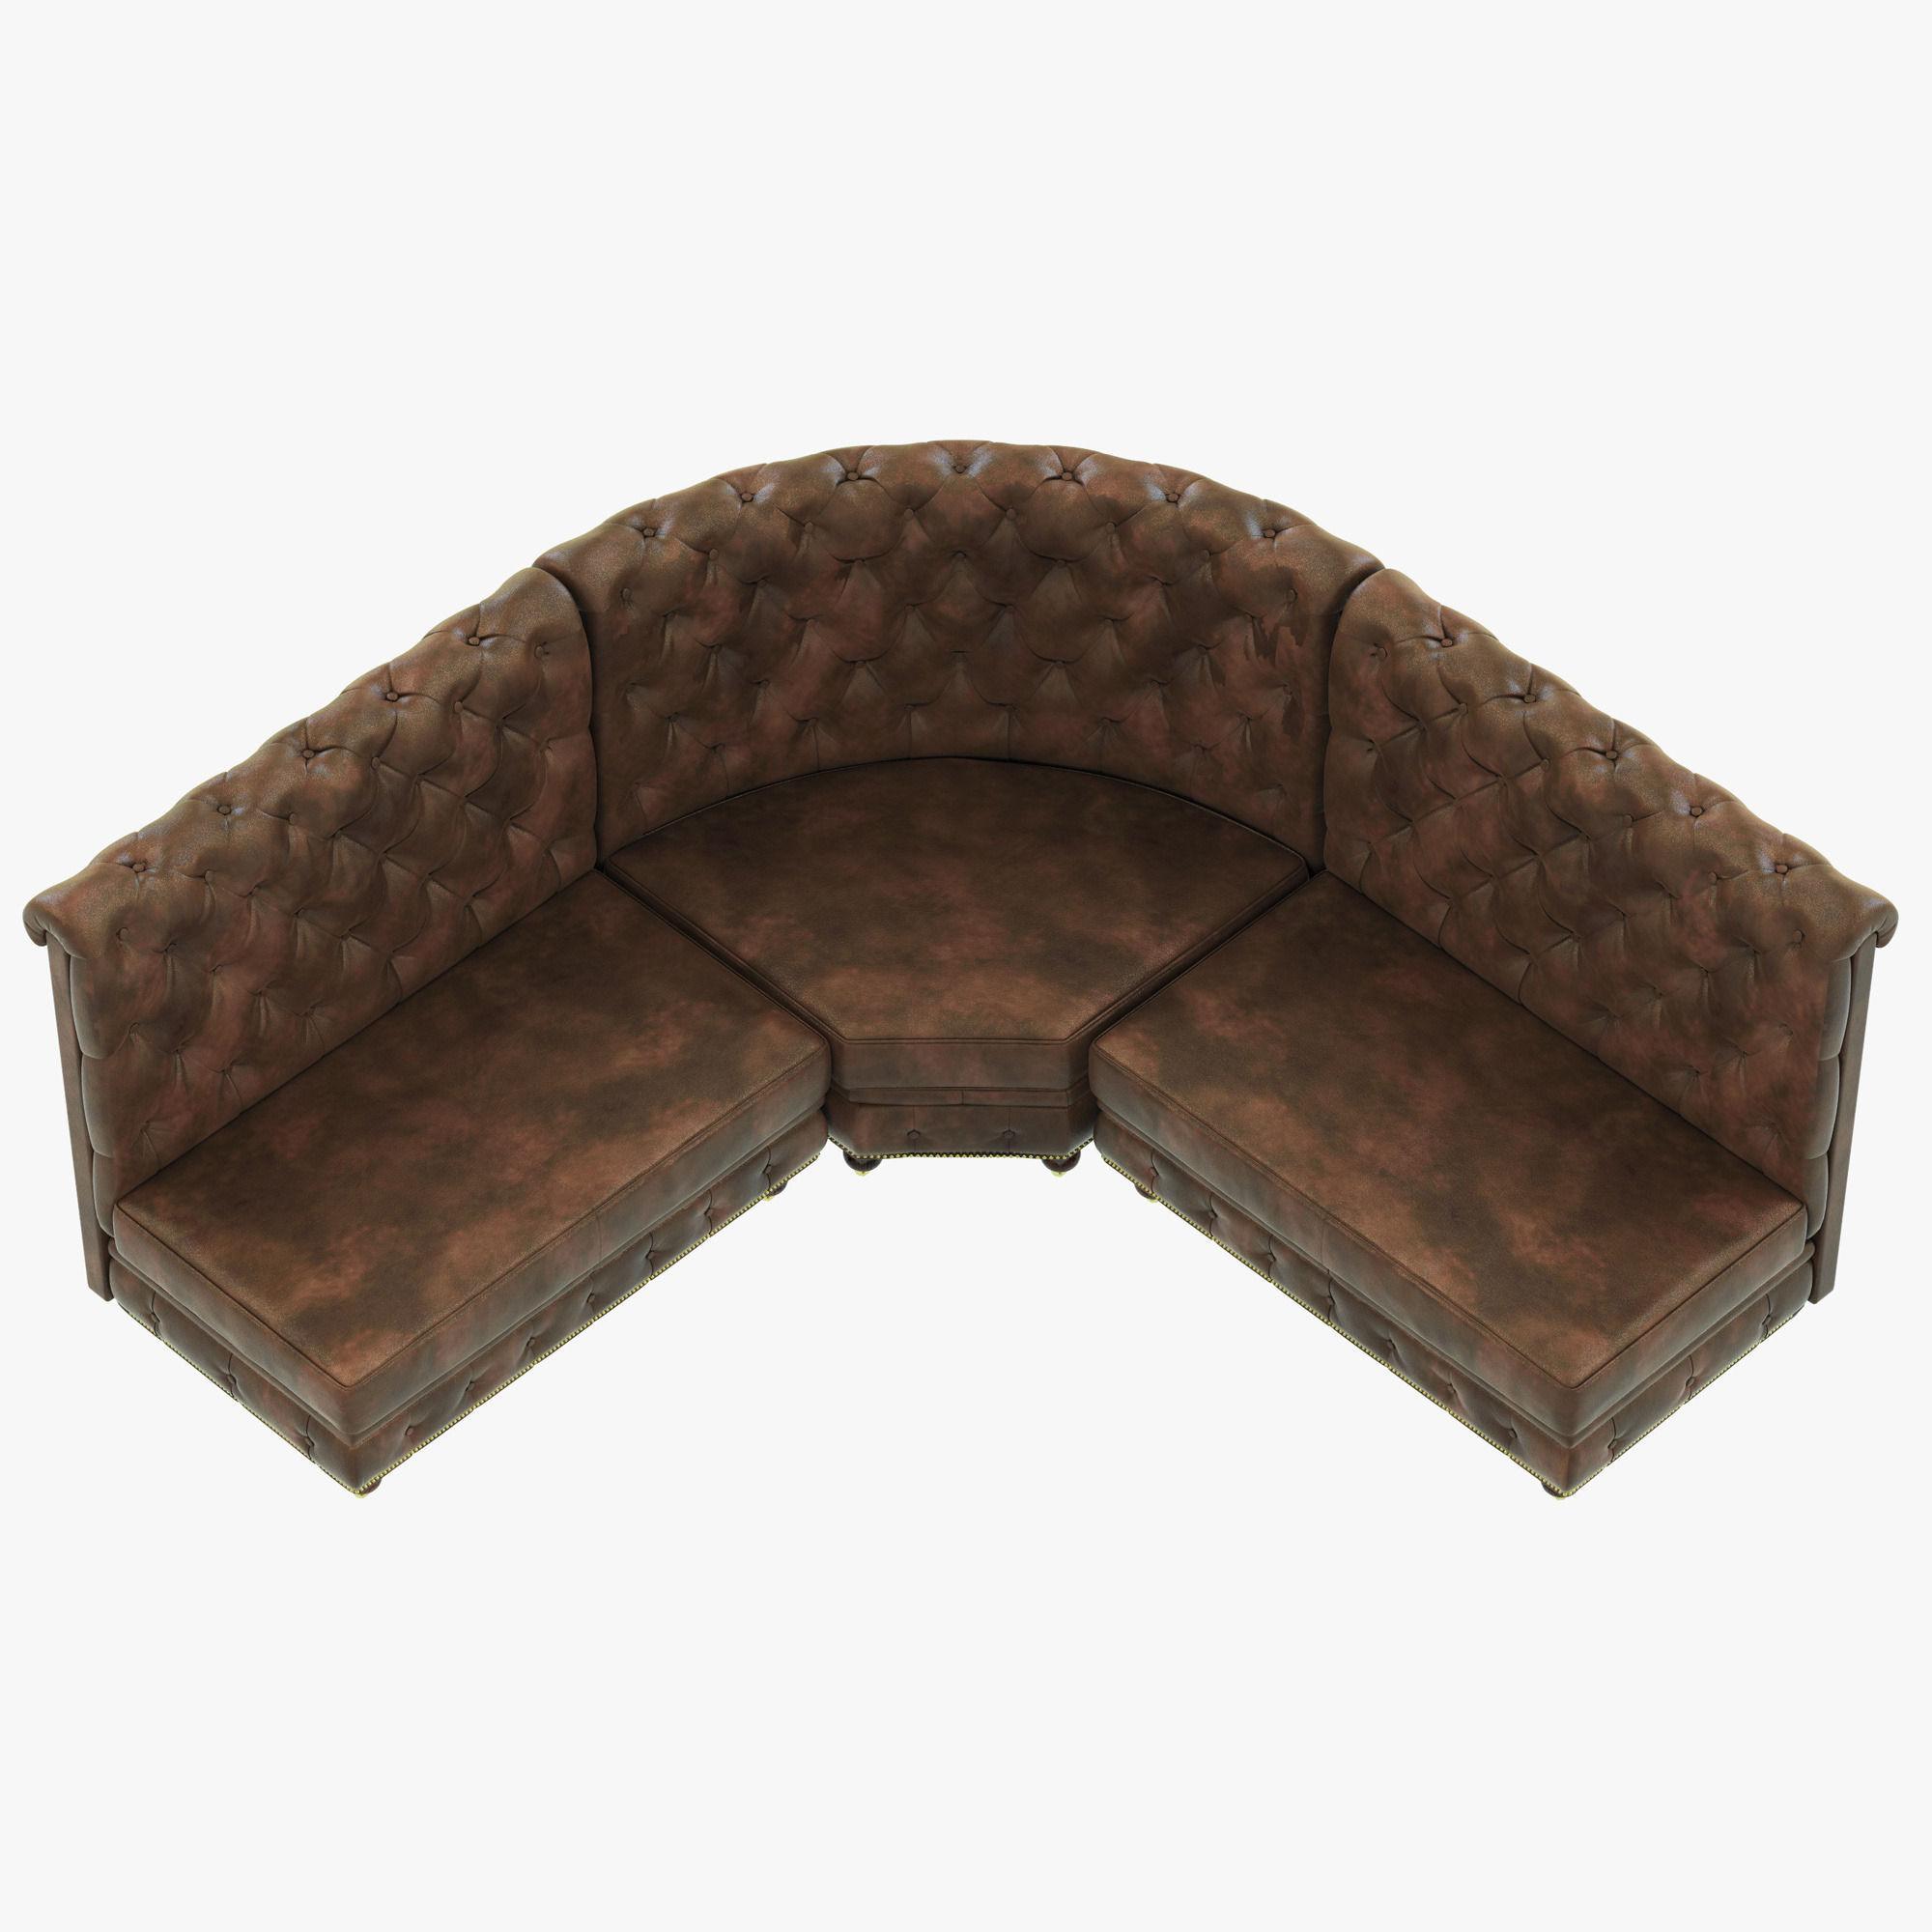 restoration hardware kensington sofa 106 bryant leather l banquette 3d